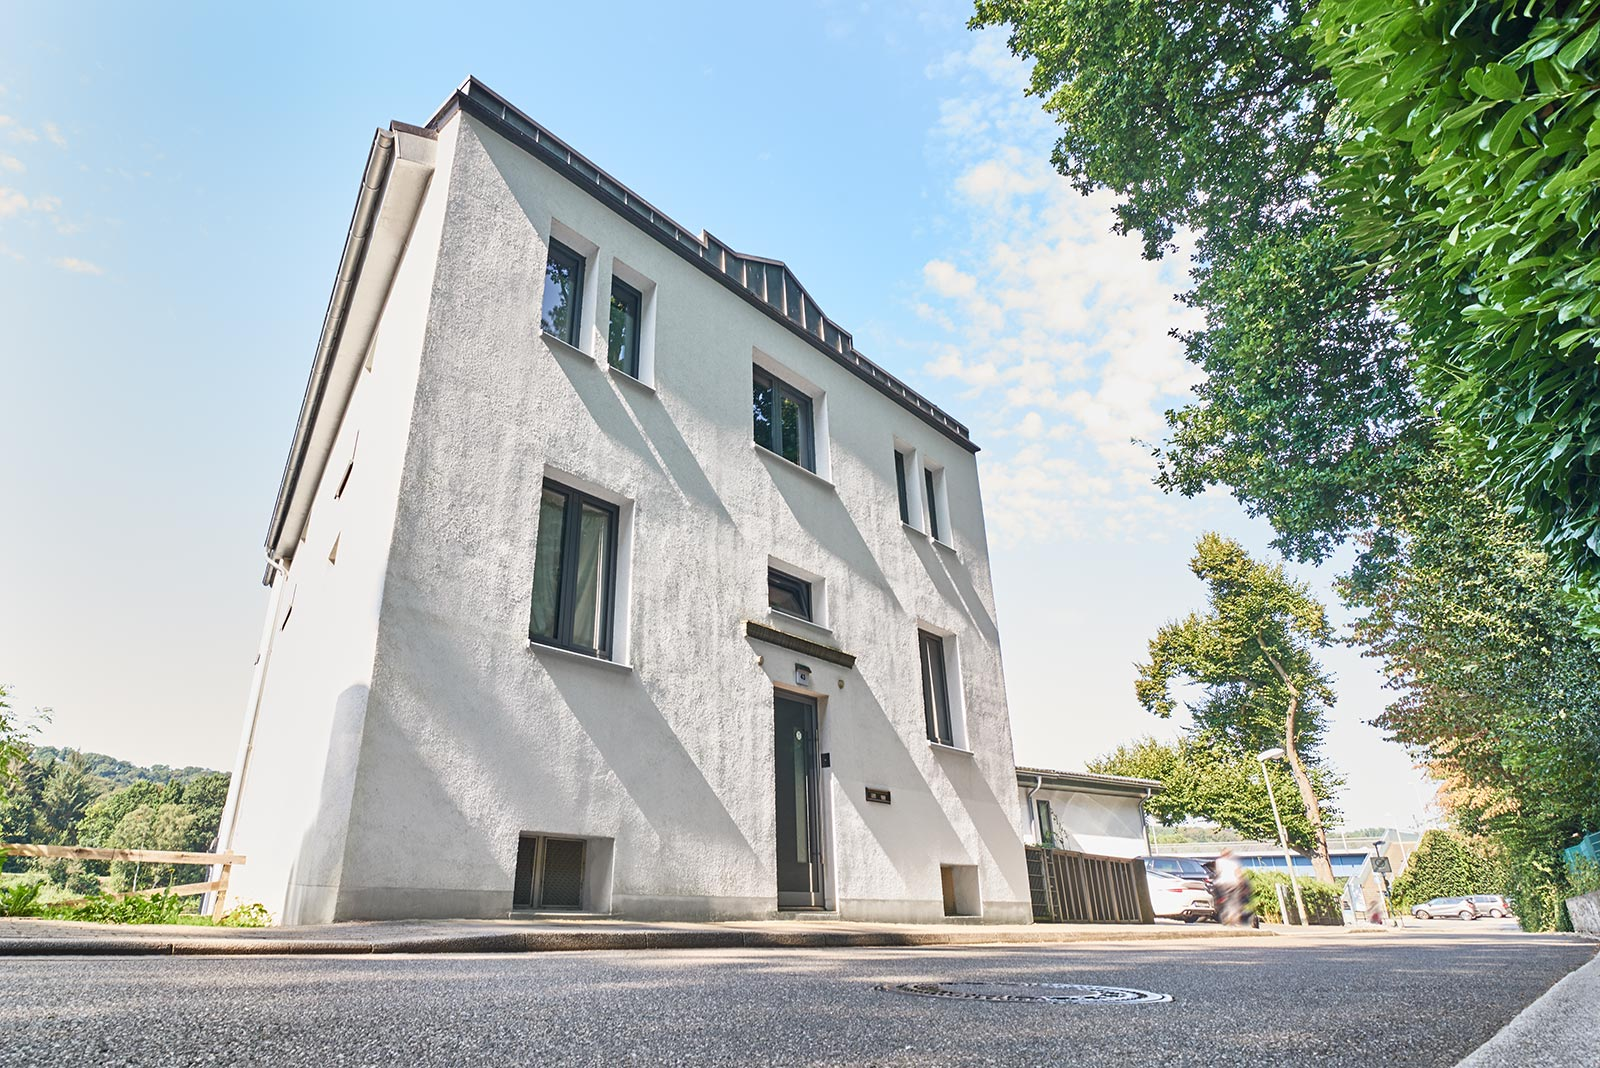 Immobilie in Essen (Werden): Wohnhaus